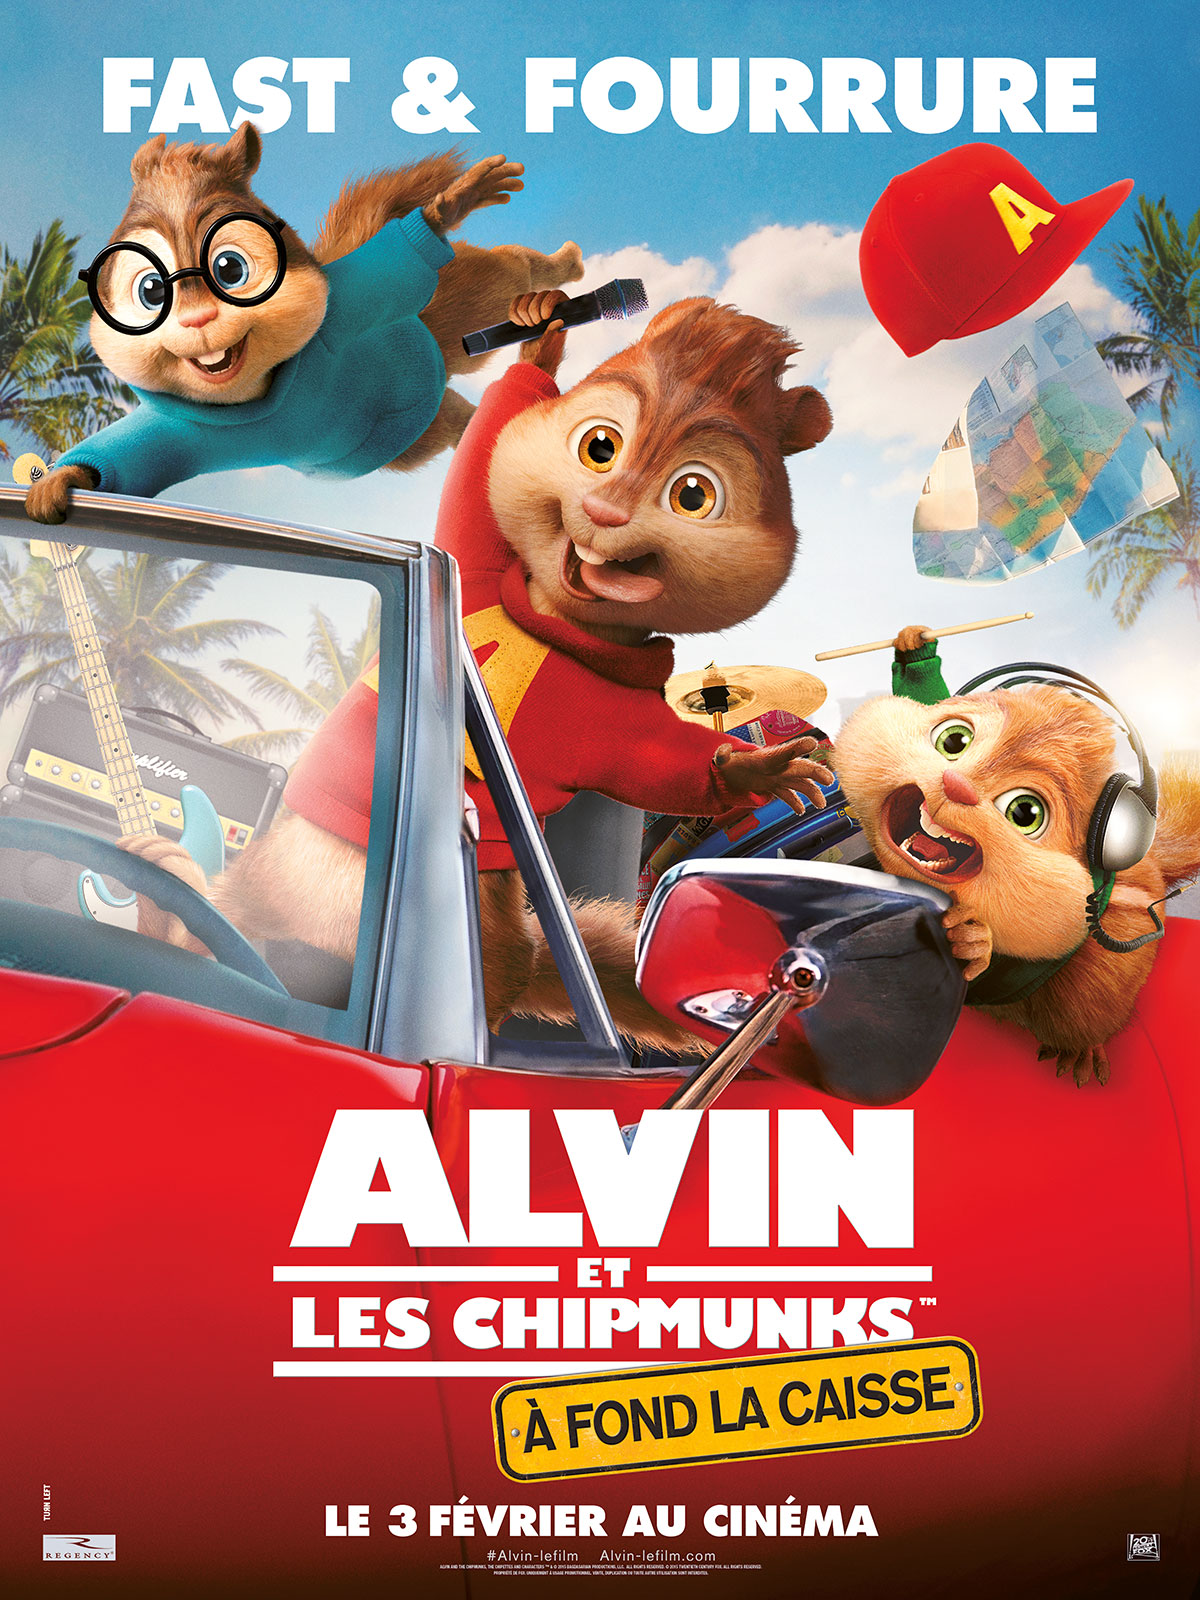 Alvin et les Chipmunks - A fond la caisse ddl